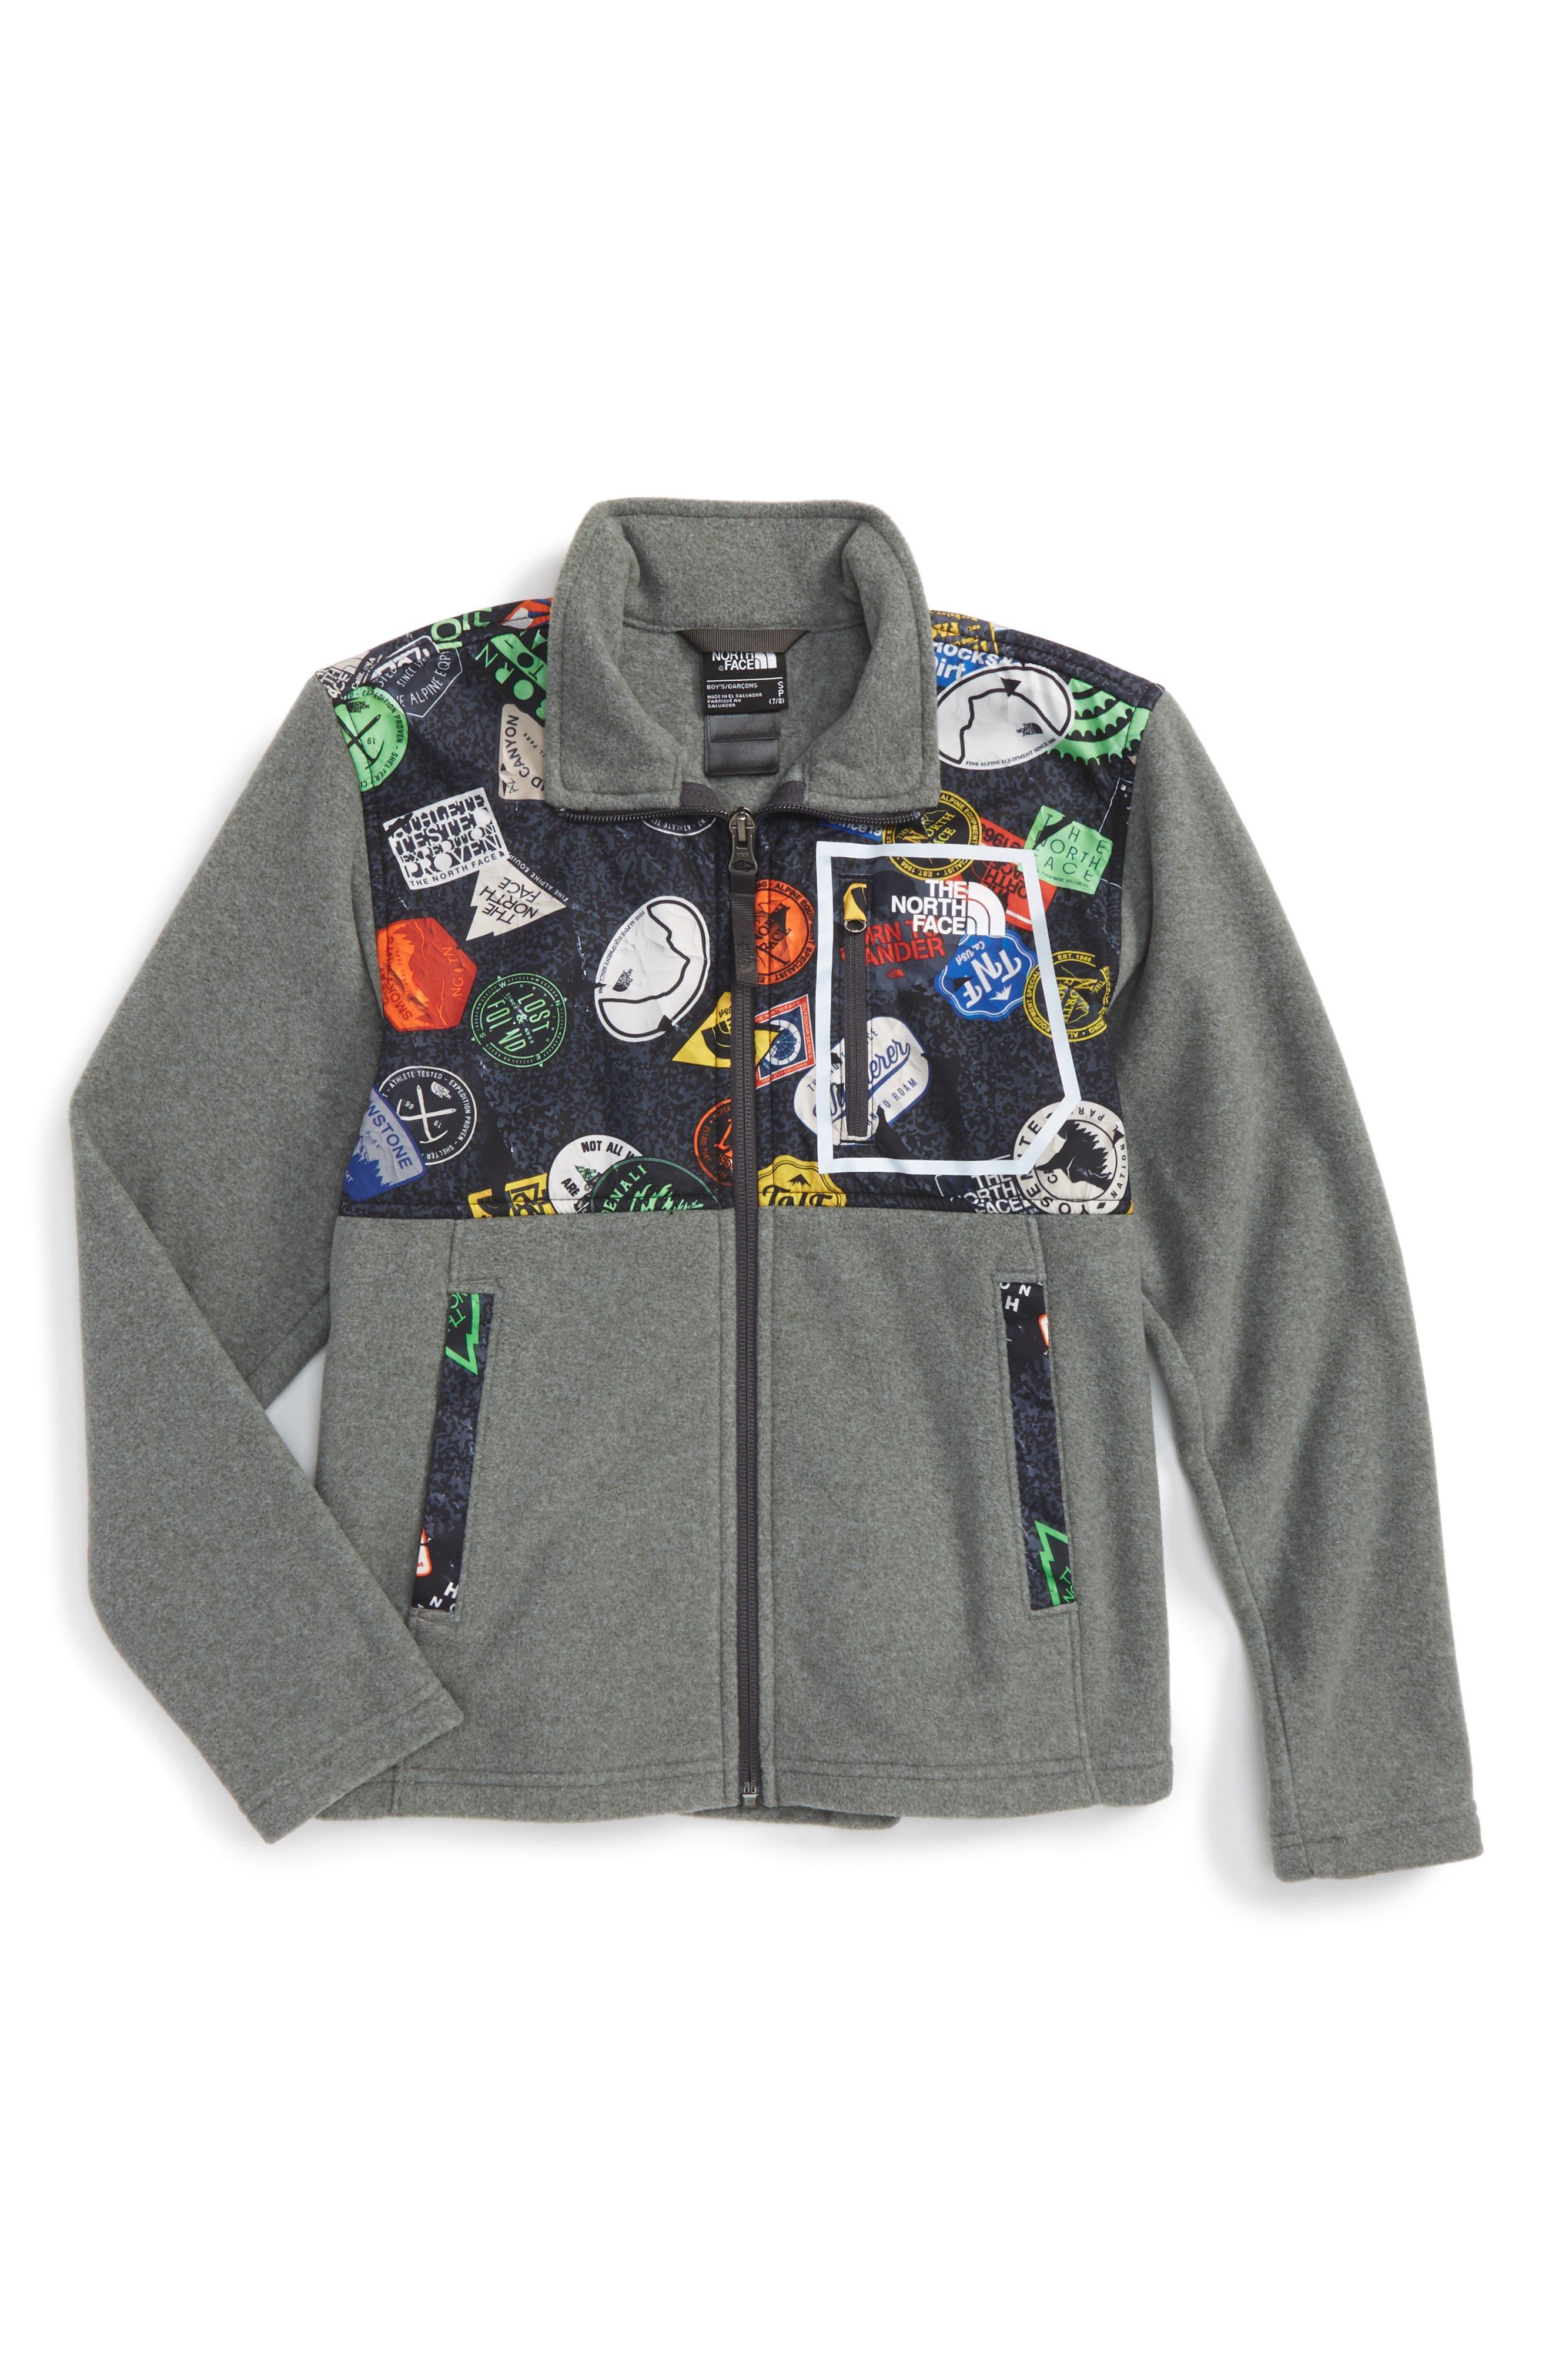 Glacier Microfleece Track Jacket,                         Main,                         color, Tnf Medium Grey/ Tnf Black